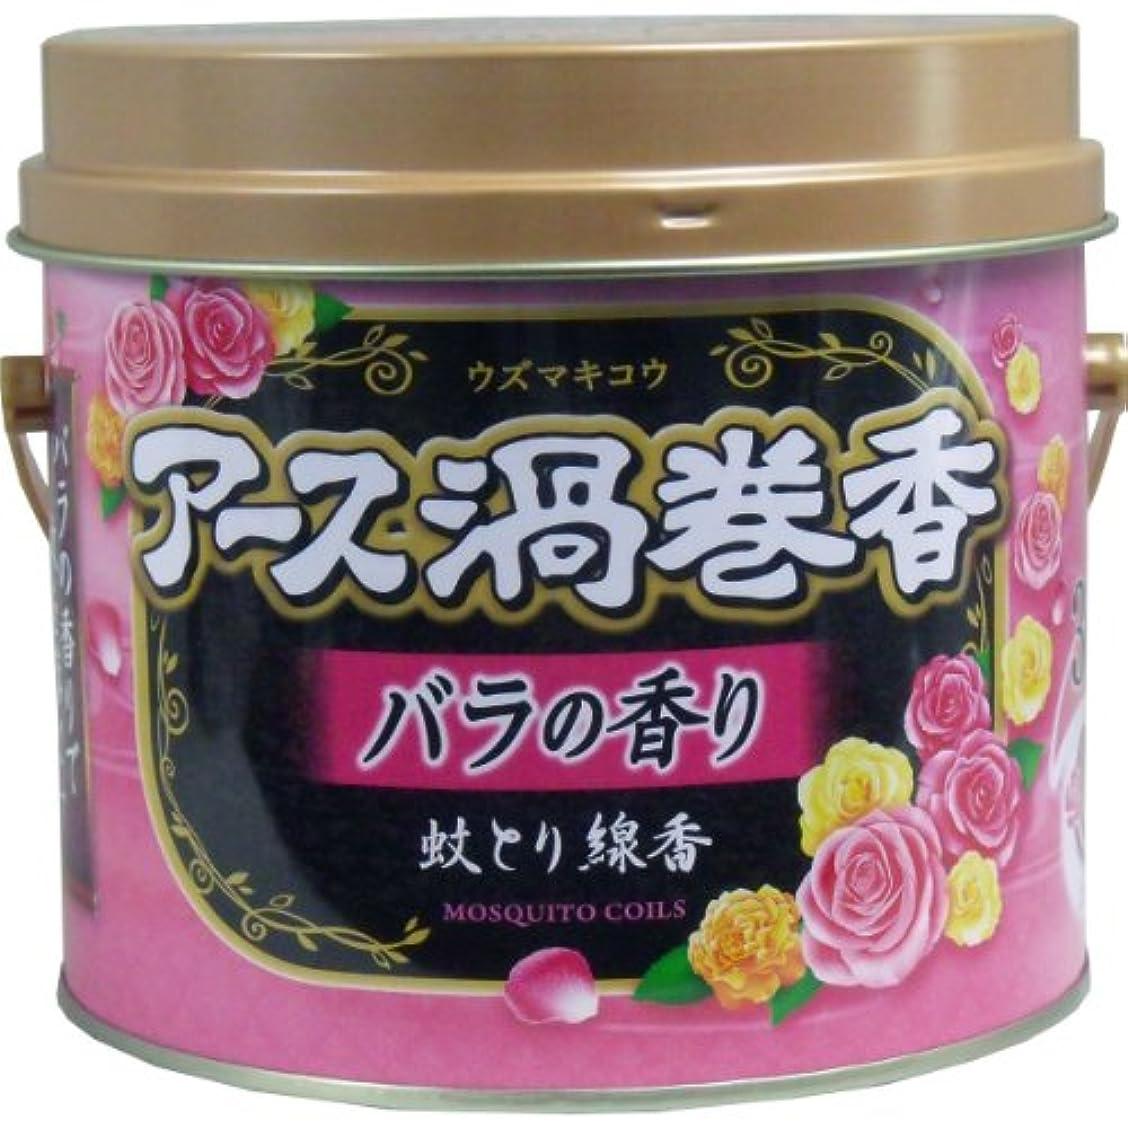 リスト哀見通しアース渦巻香 蚊とり線香 バラの香り 30巻2個セット